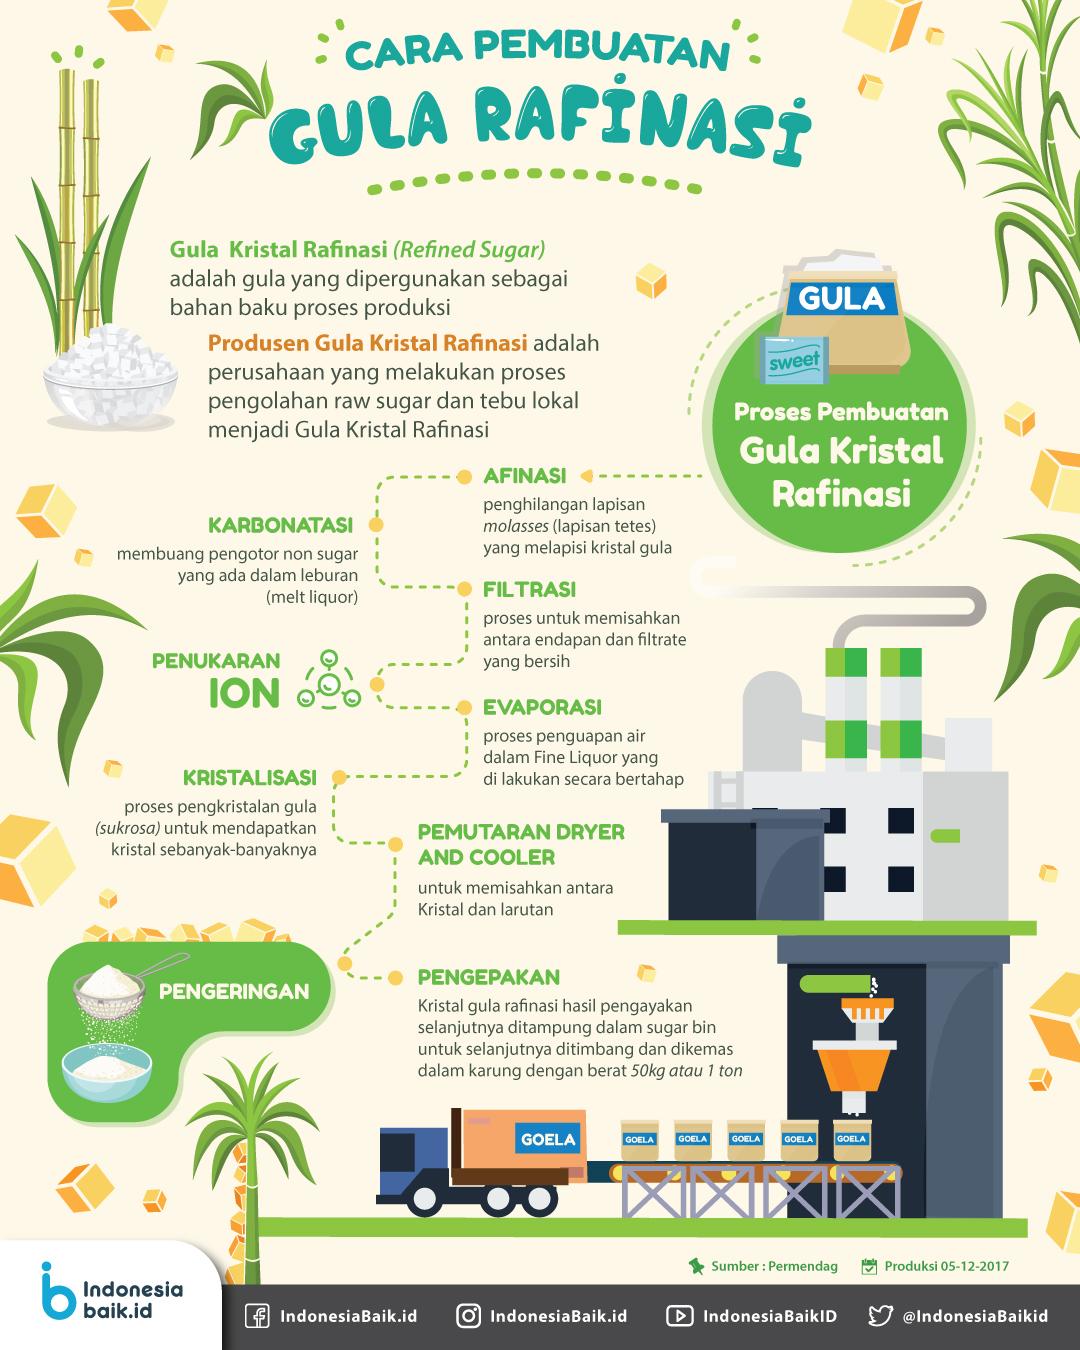 Cara Pembuatan Gula Rafinasi